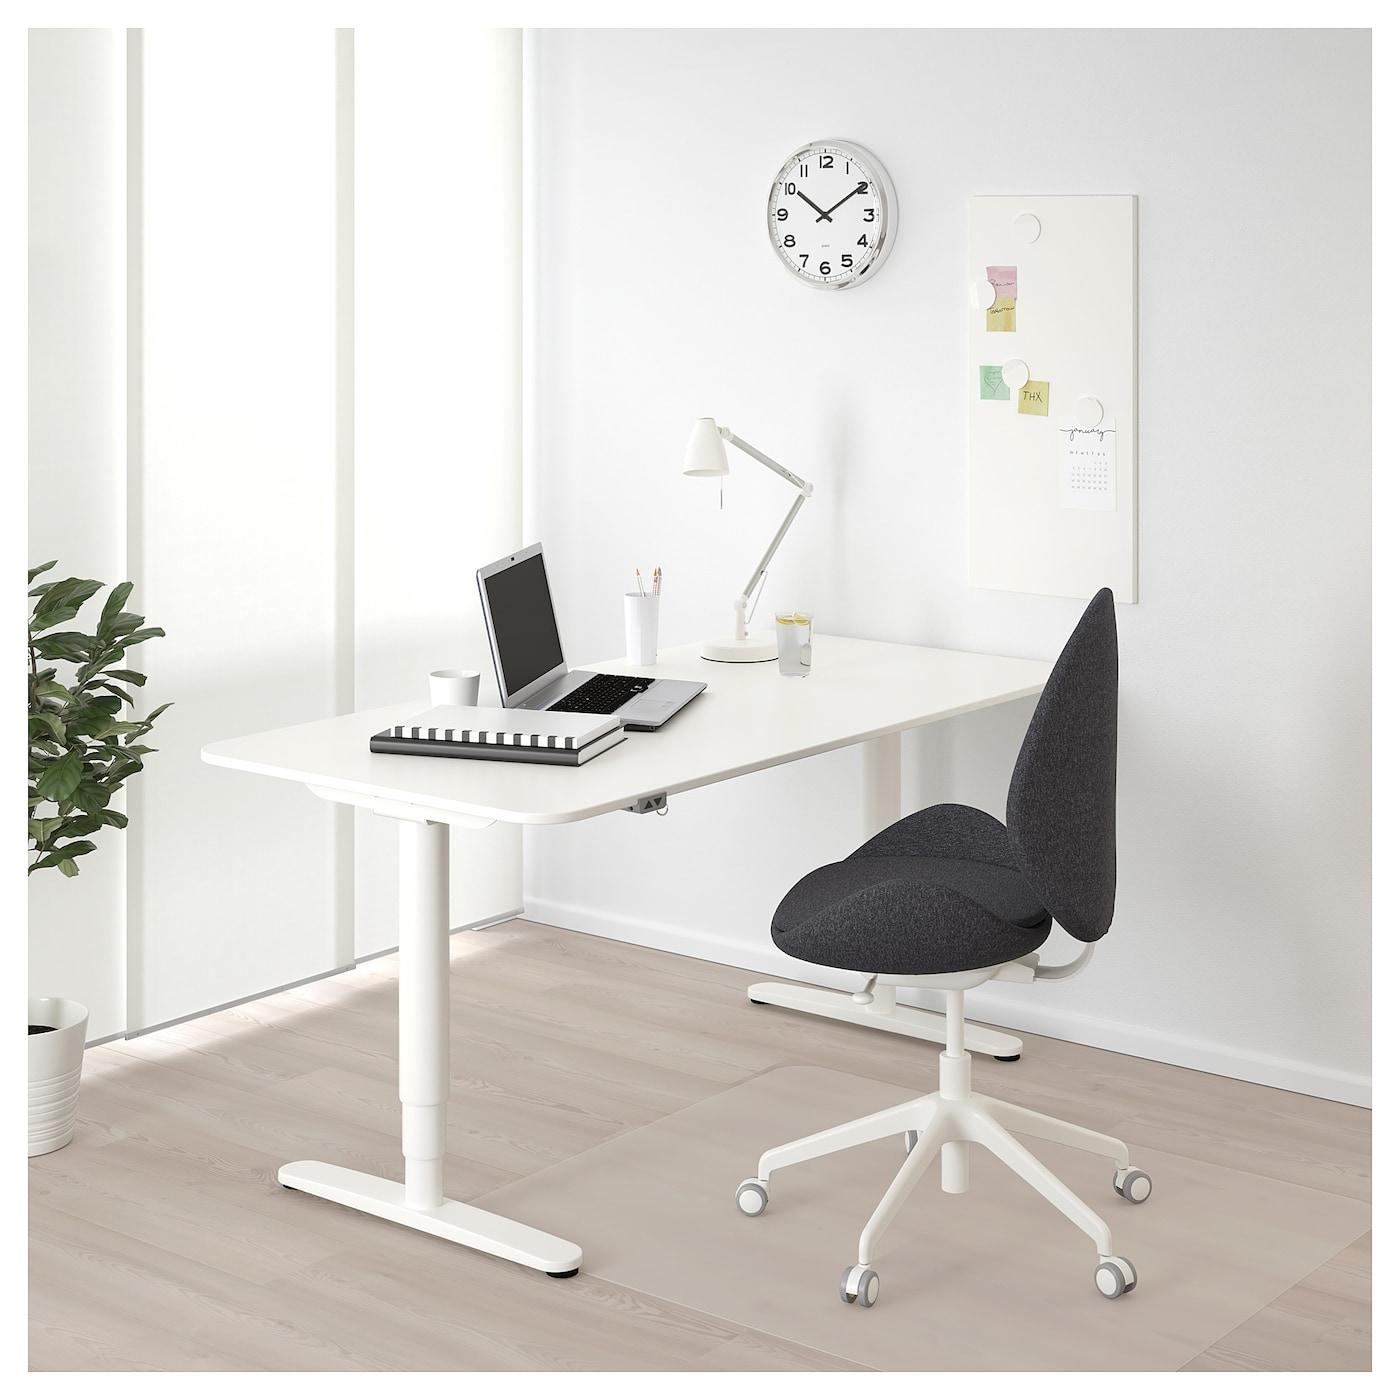 Höhenverstellbarer Schreibtisch Ikea 2021